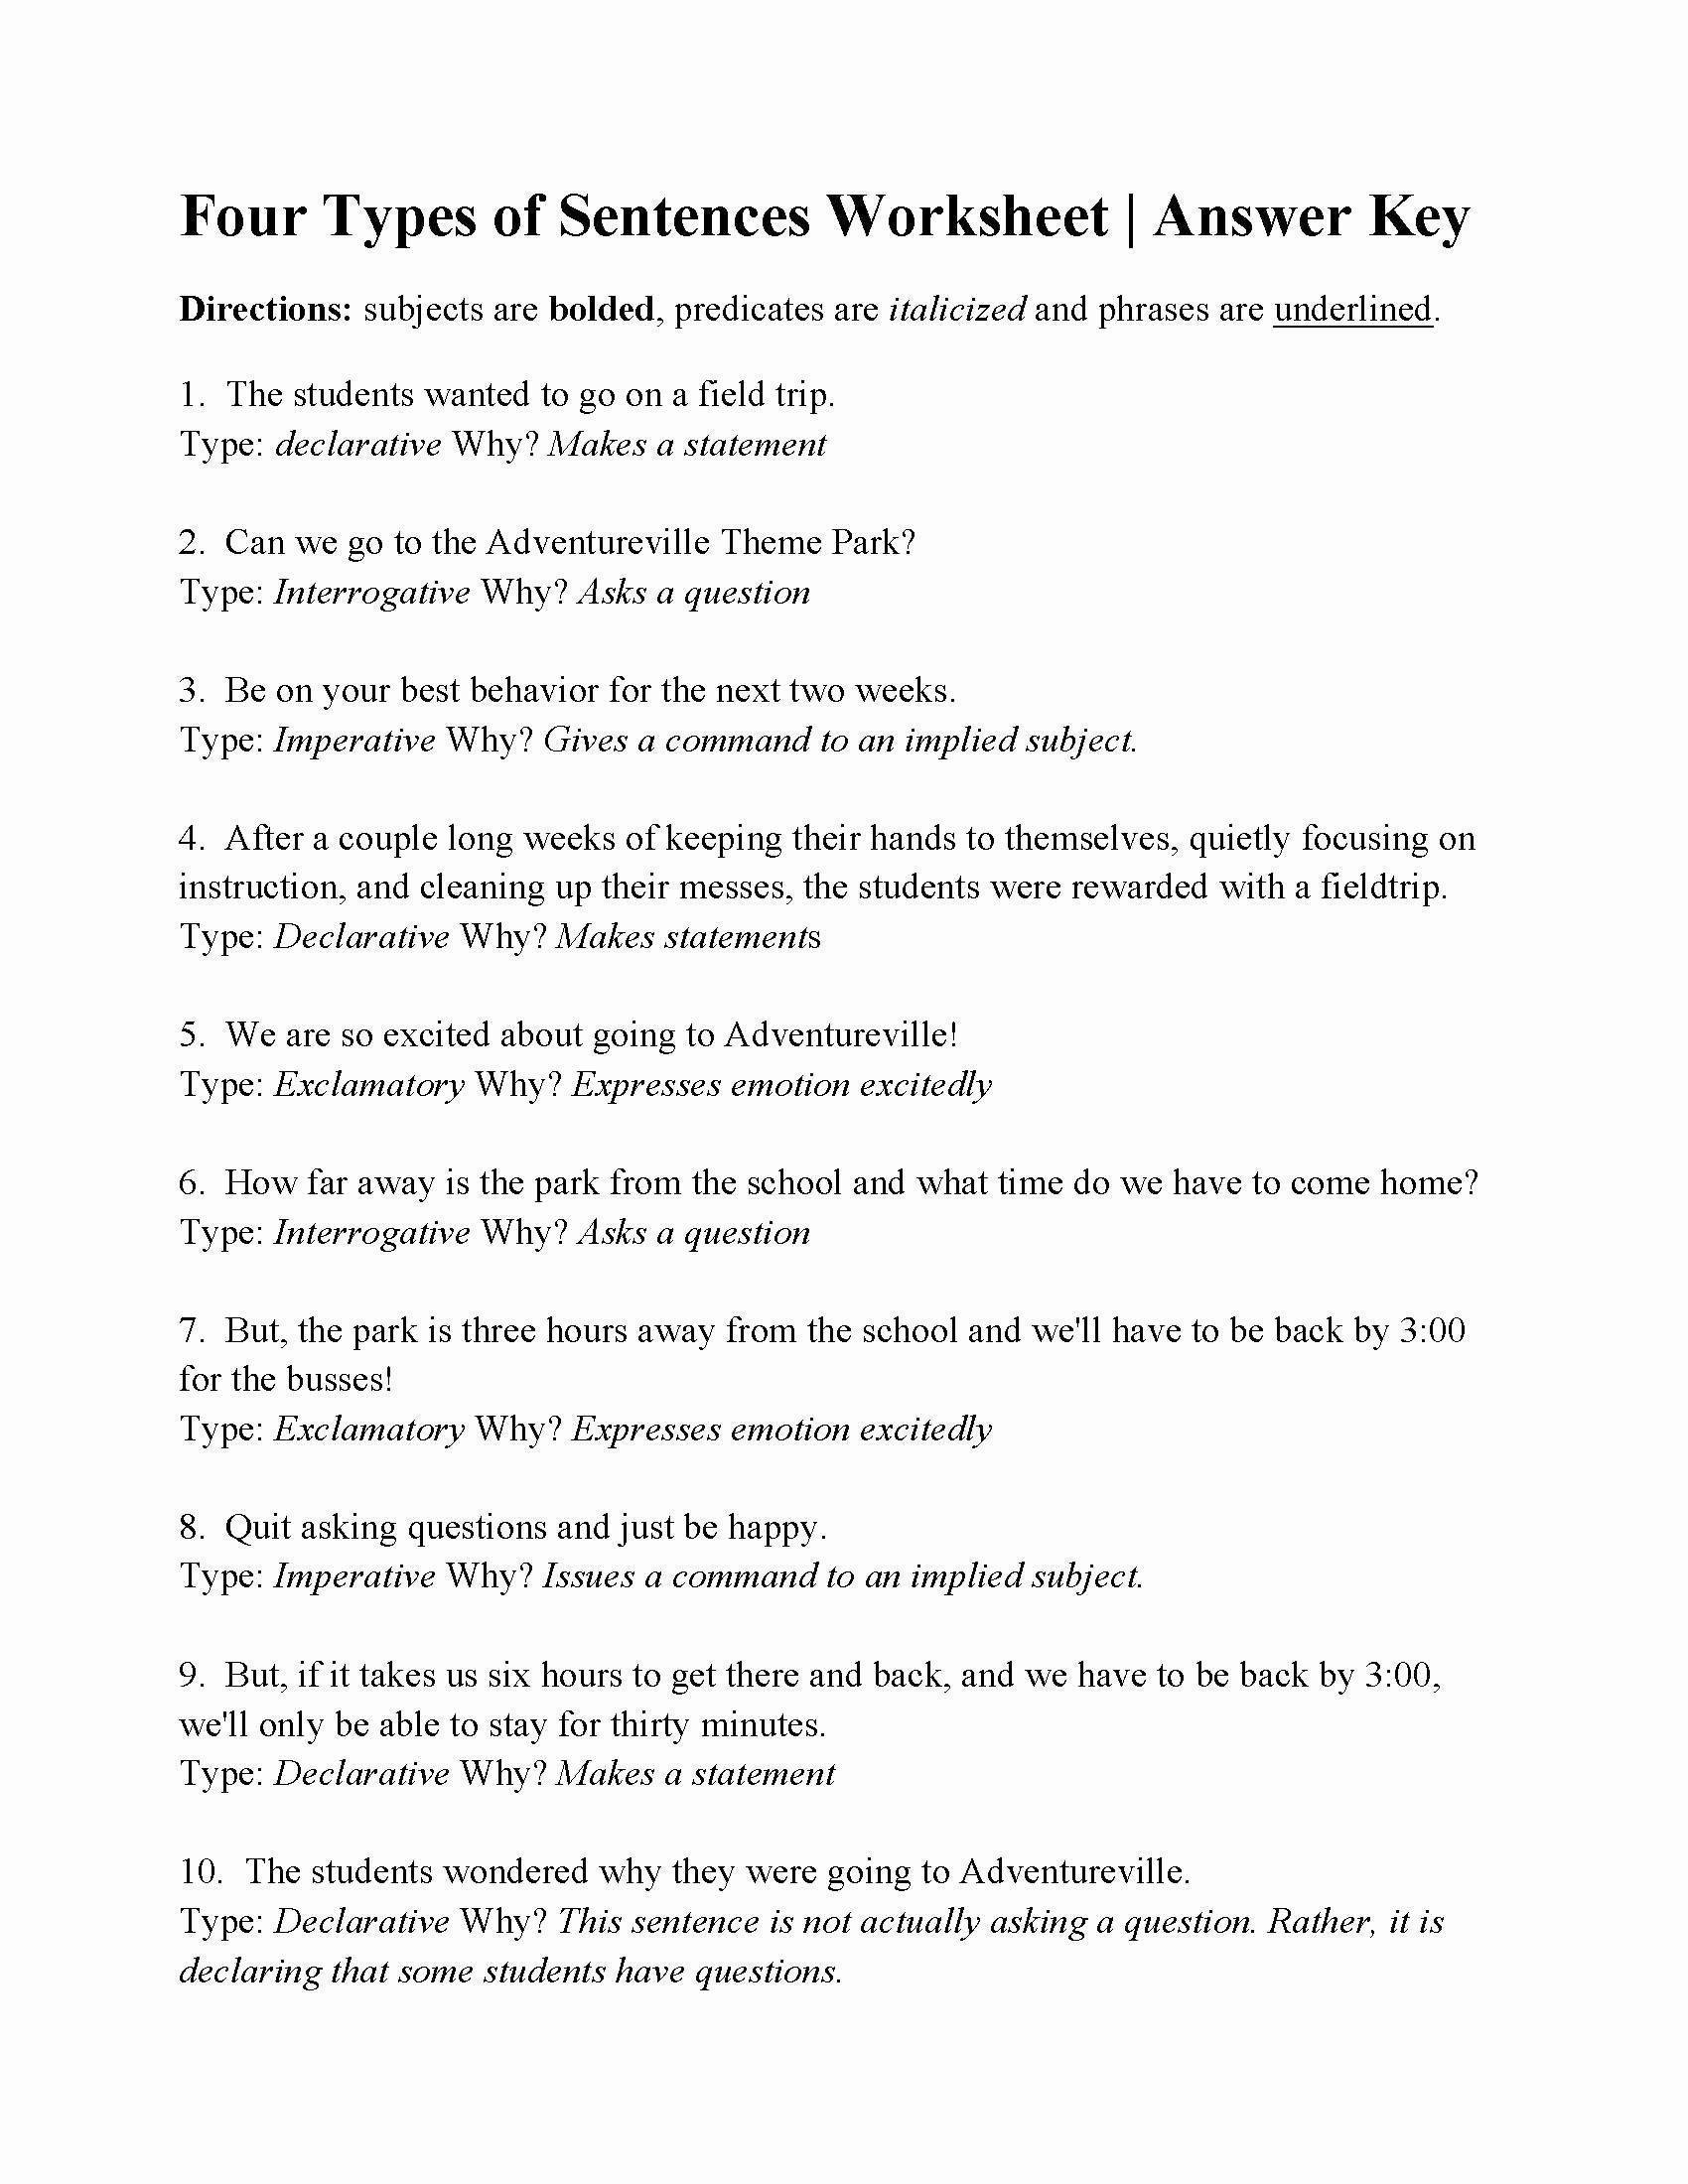 Four Types Of Sentences Worksheet Ideas Four Types Of Sentences Worksheet